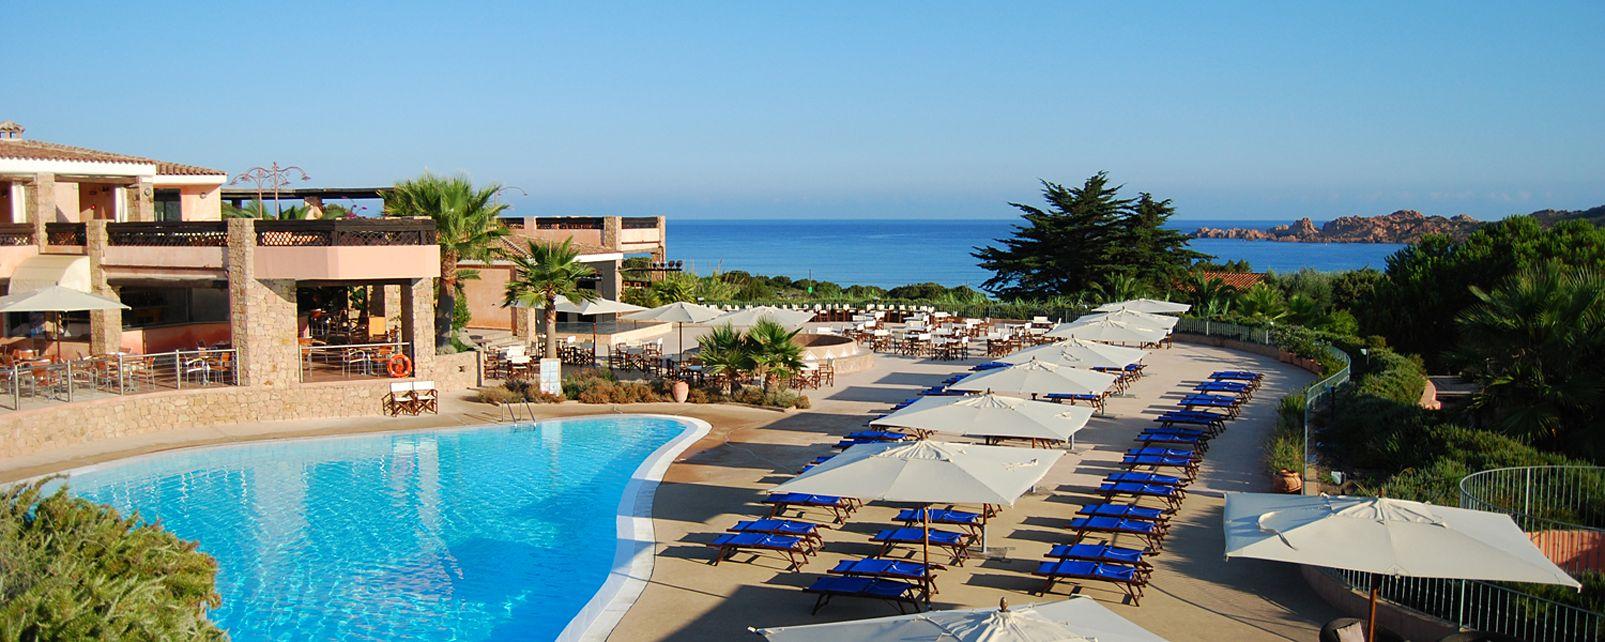 Hotel Hôtel Marinedda Thalasso SPA